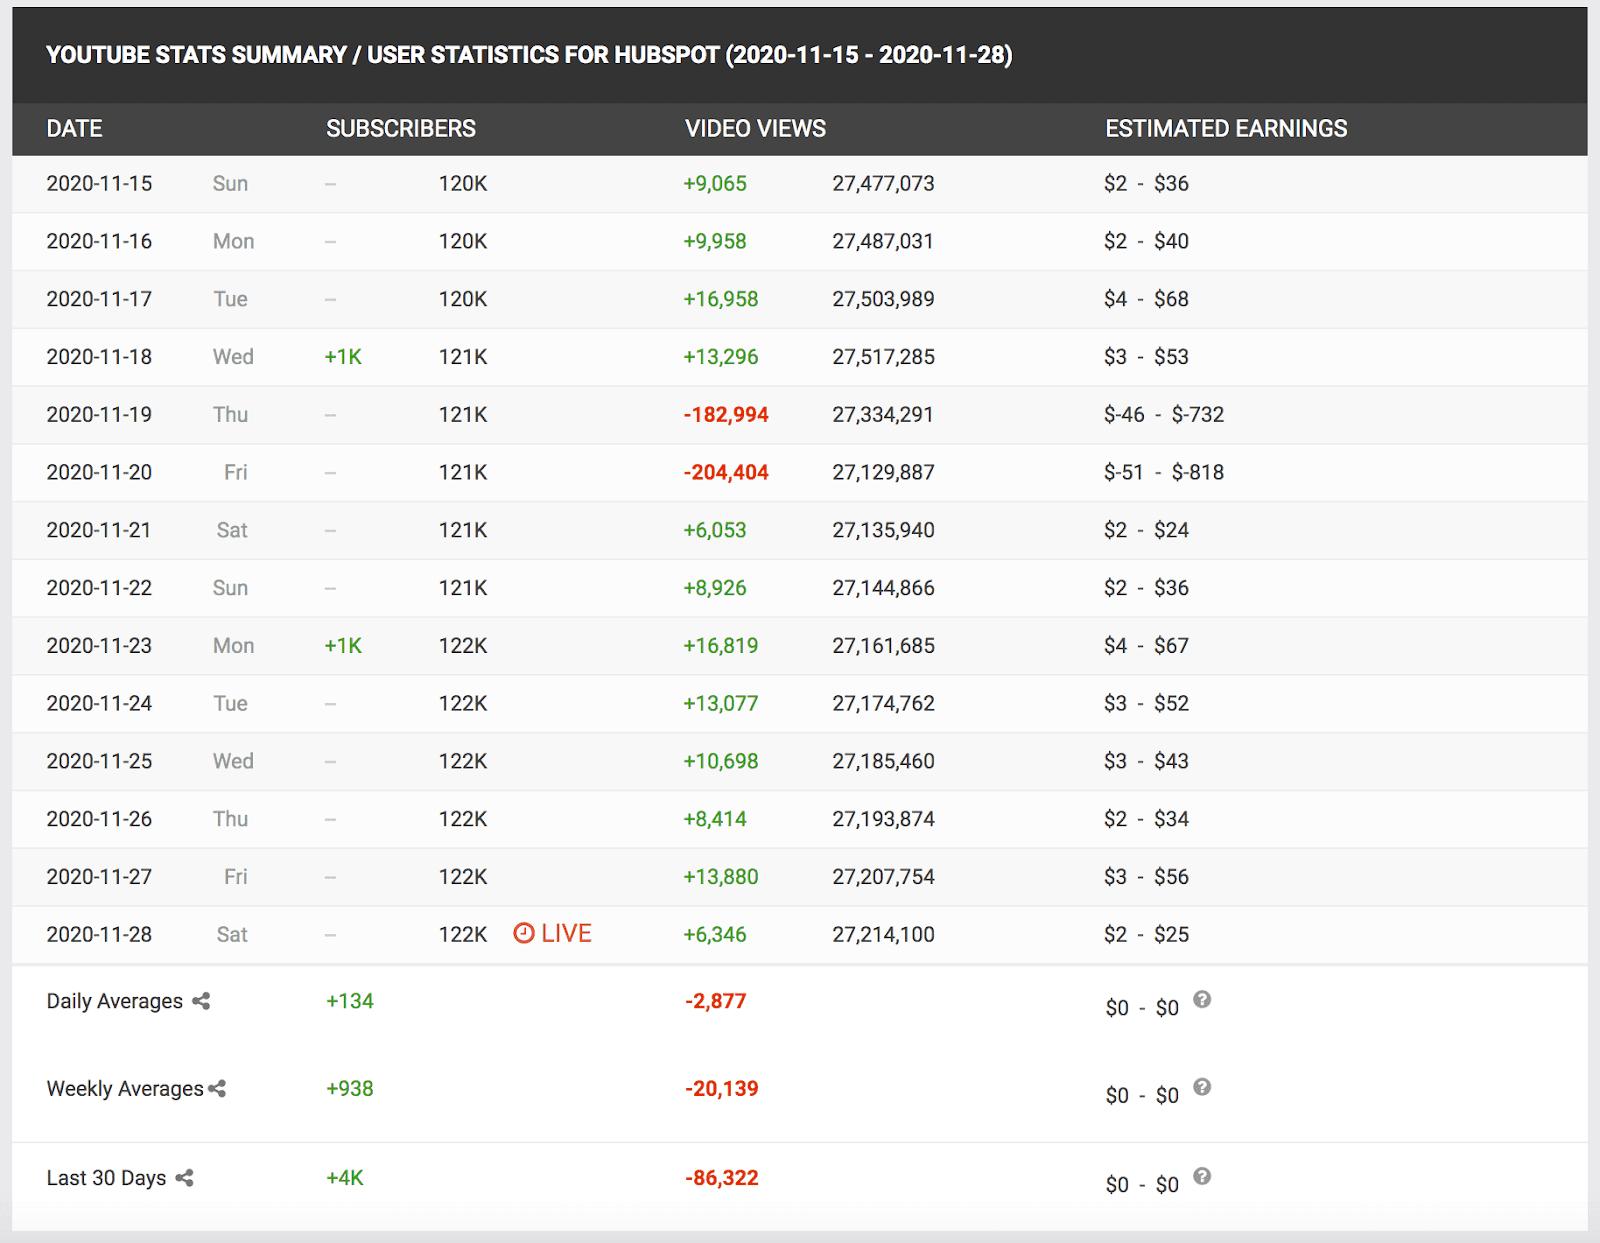 SocialBlade results